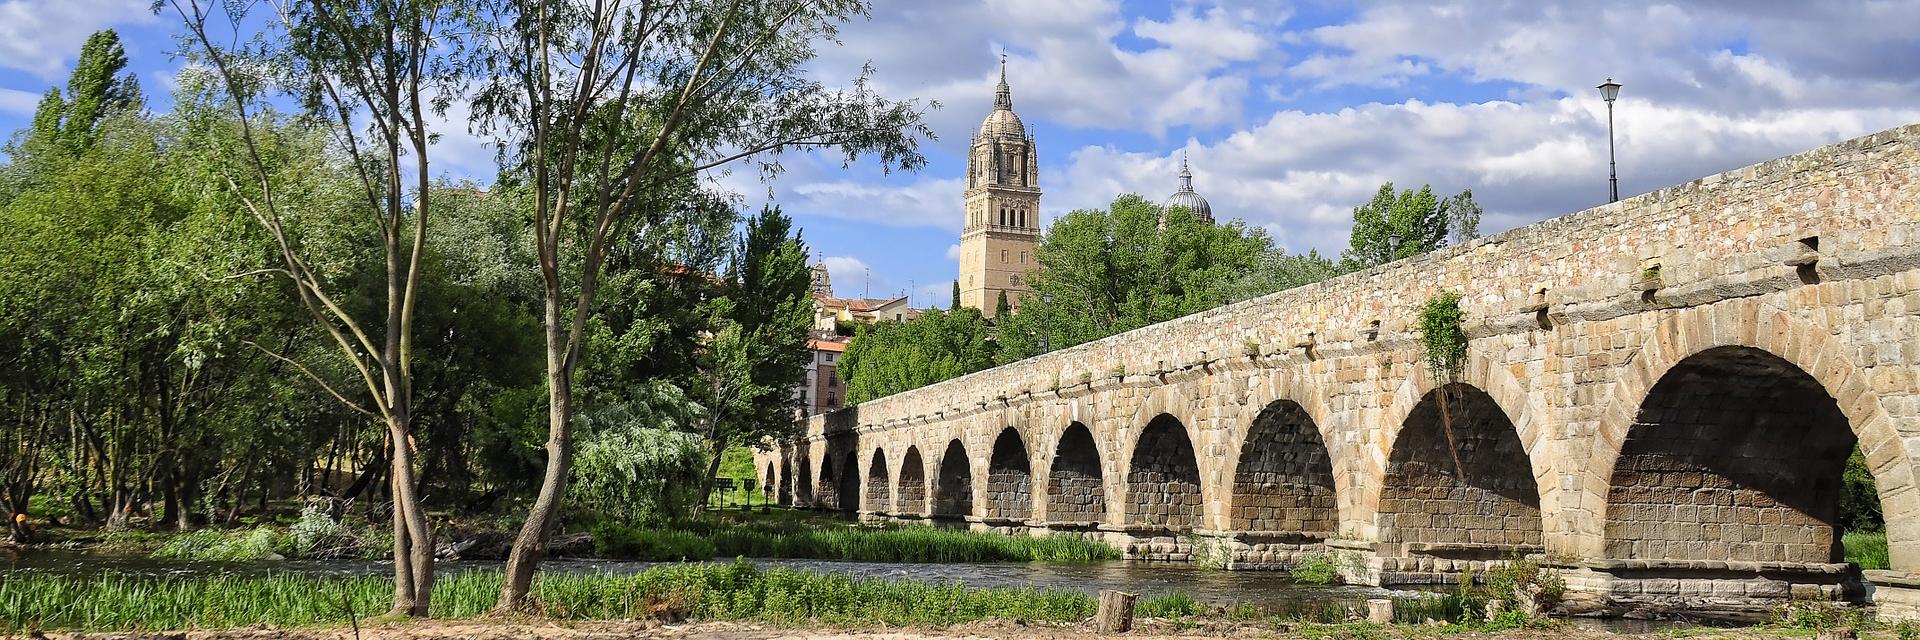 El lunes de aguas es un relato escrito por Miguel Rodríguez Echeandía sobre la fiesta de El lunes de aguas en Salamanca.